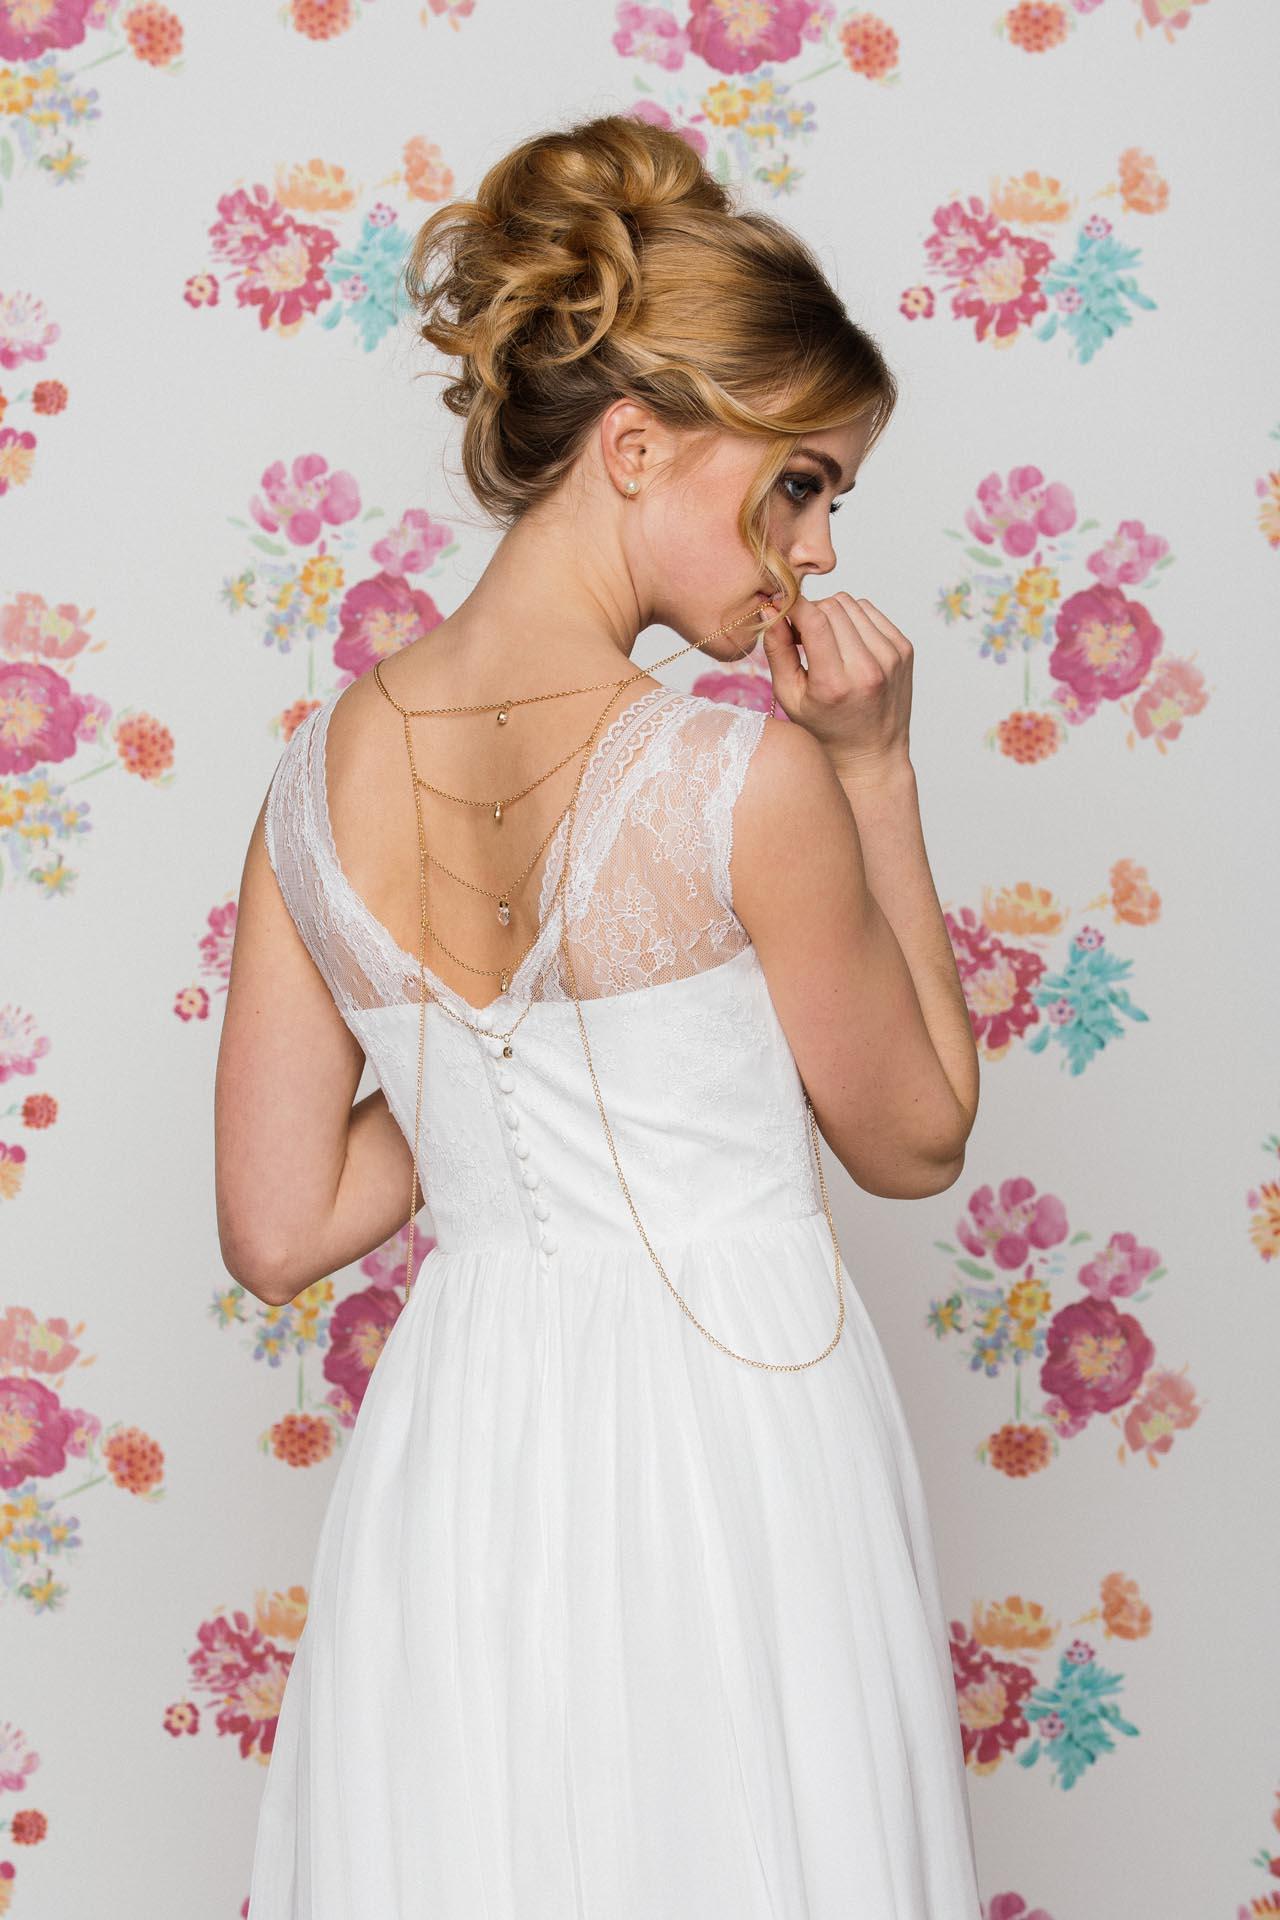 Brautkleid mit Trägern in transparenter Spitze – Anu · küss die braut